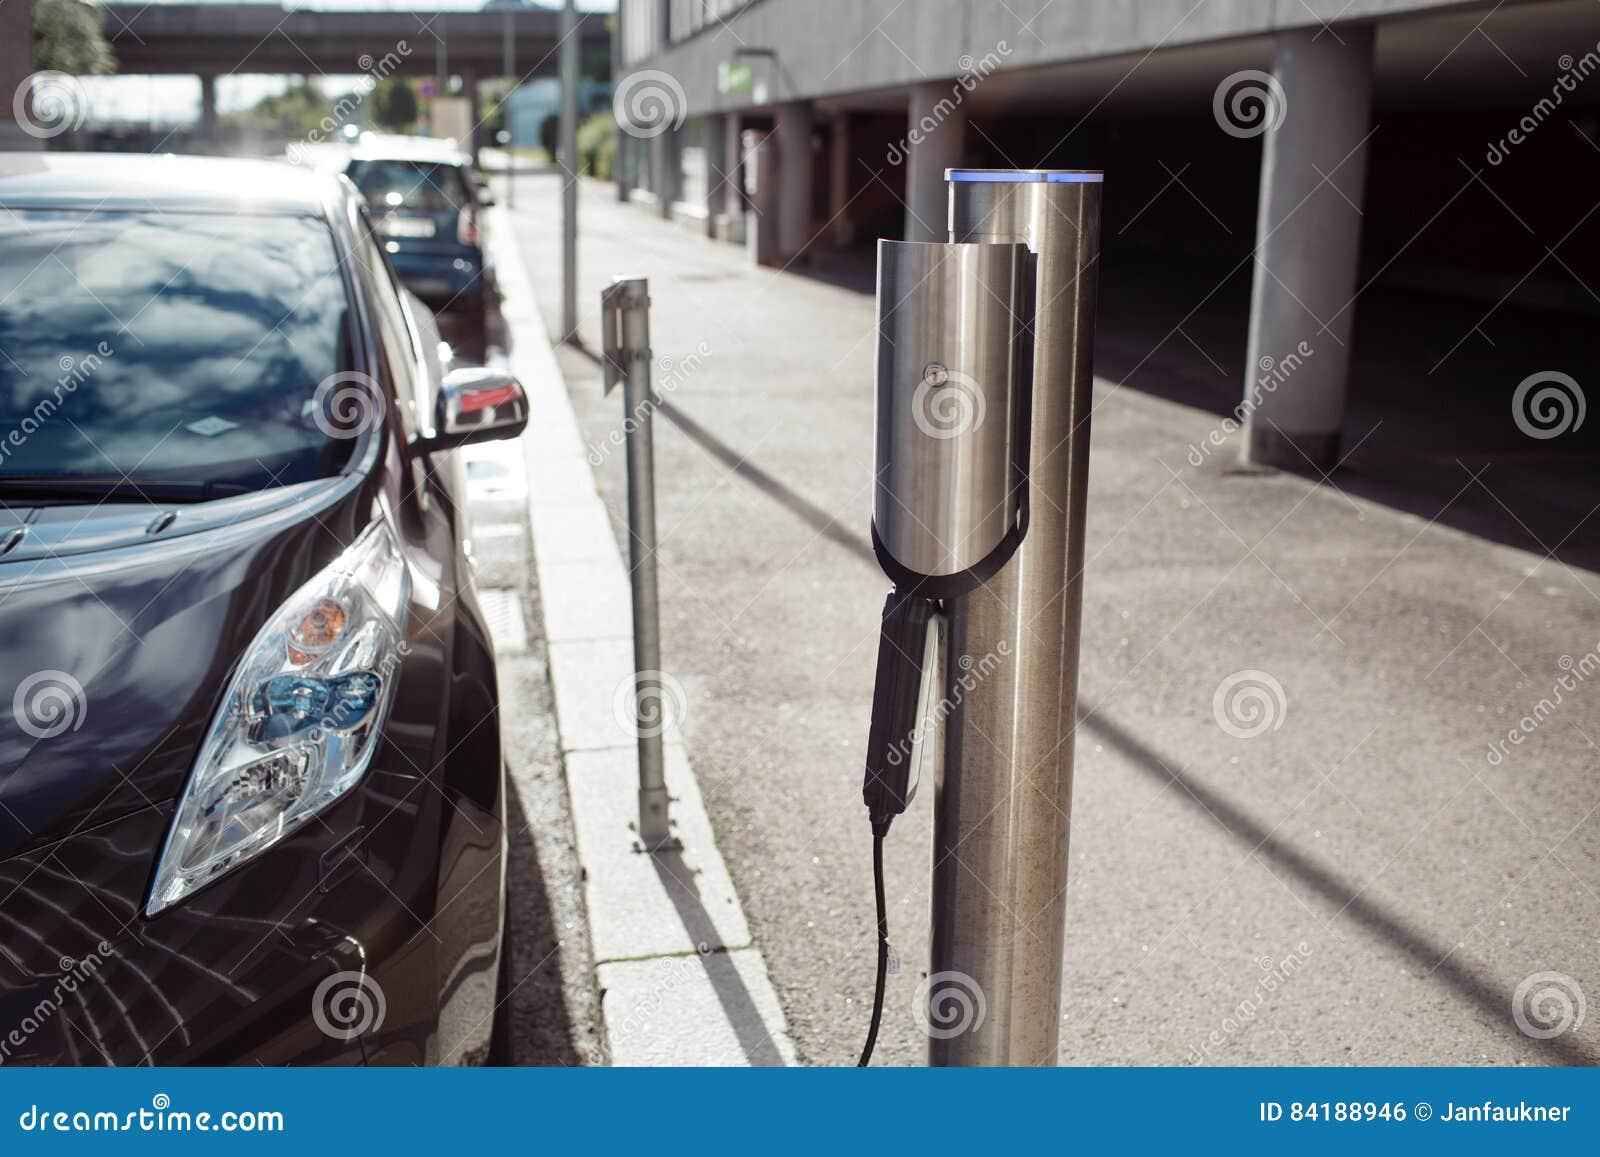 Лицевая сторона энергии загрузки автомобиля